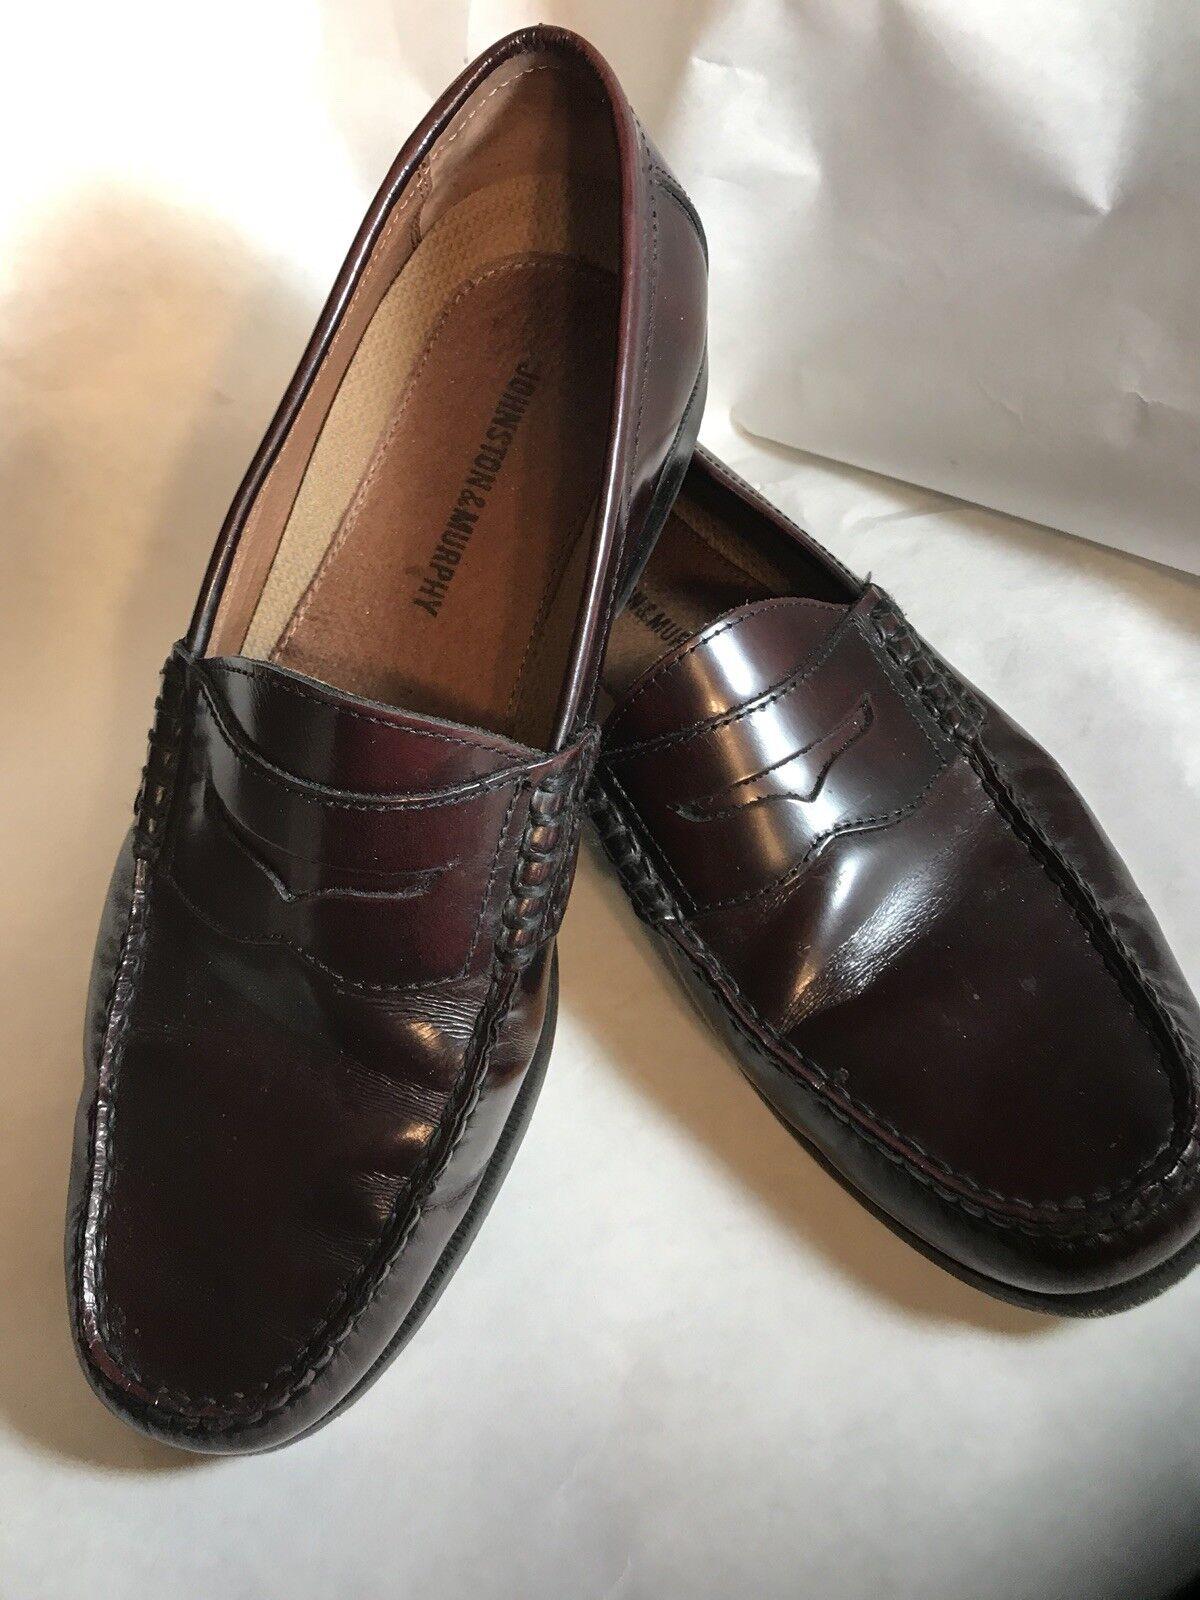 206283 WT50 Men's  9 M Burgundy Leather Slip On Johnston & Murphy